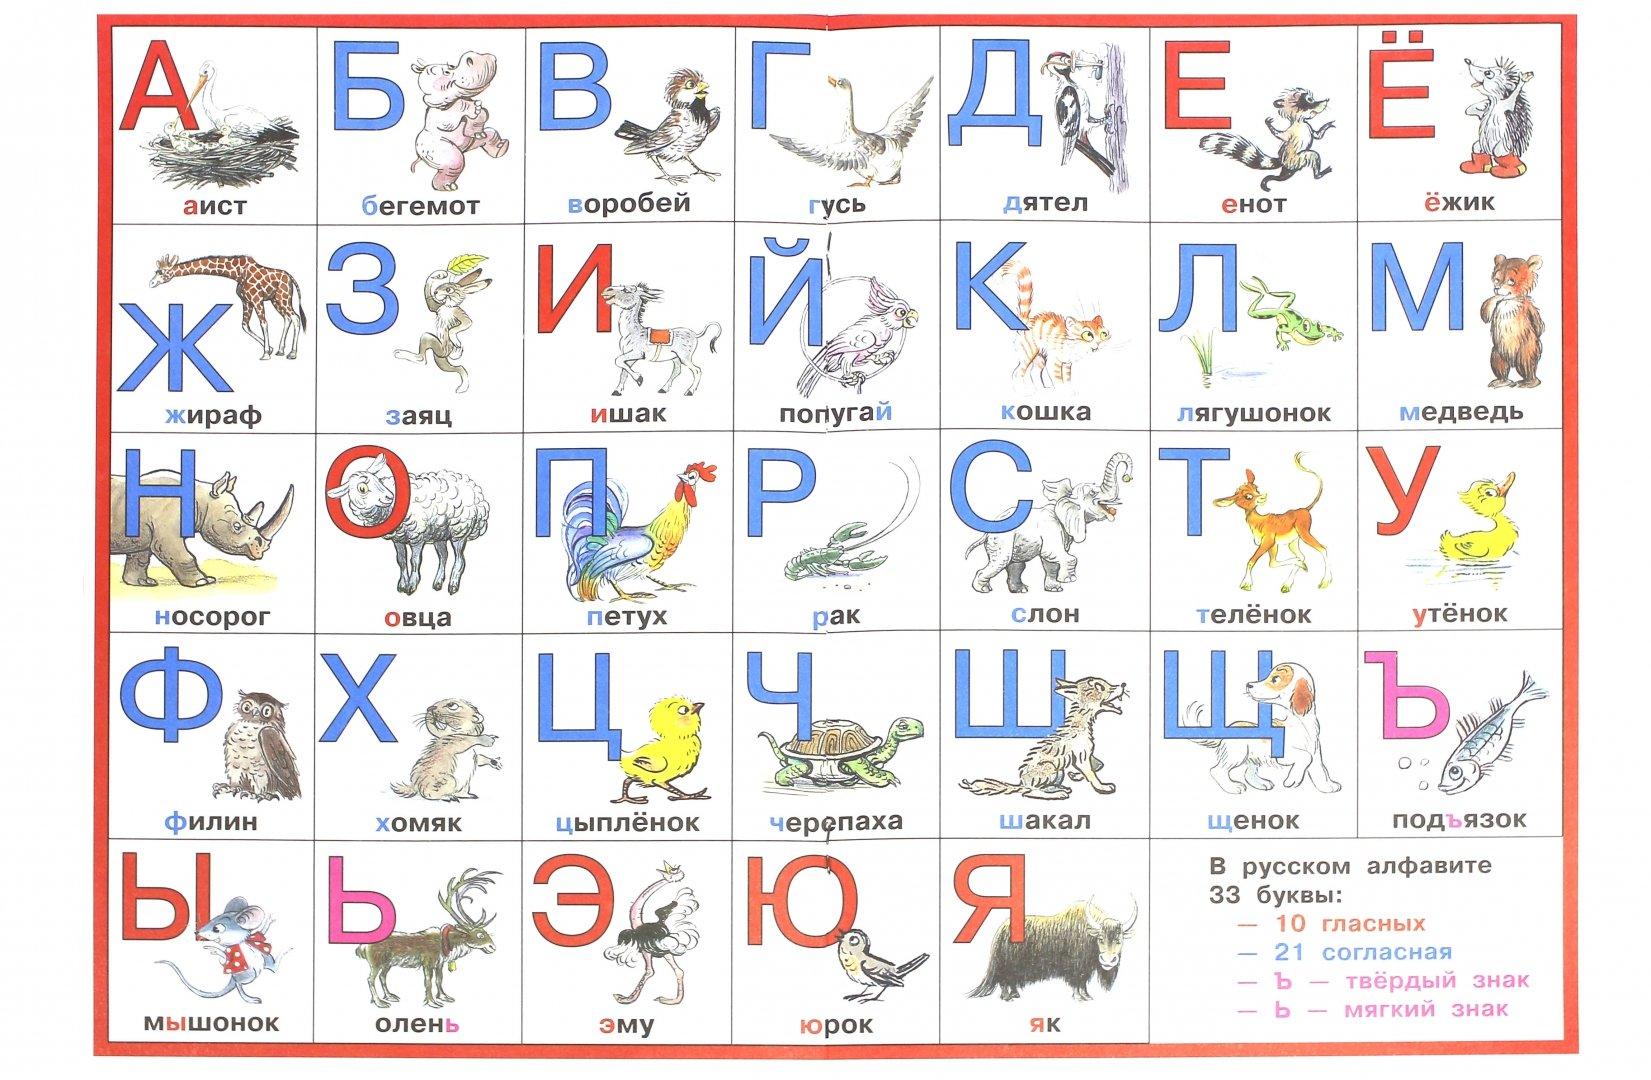 проект моя азбука с картинками животных отличается мужская стрижка